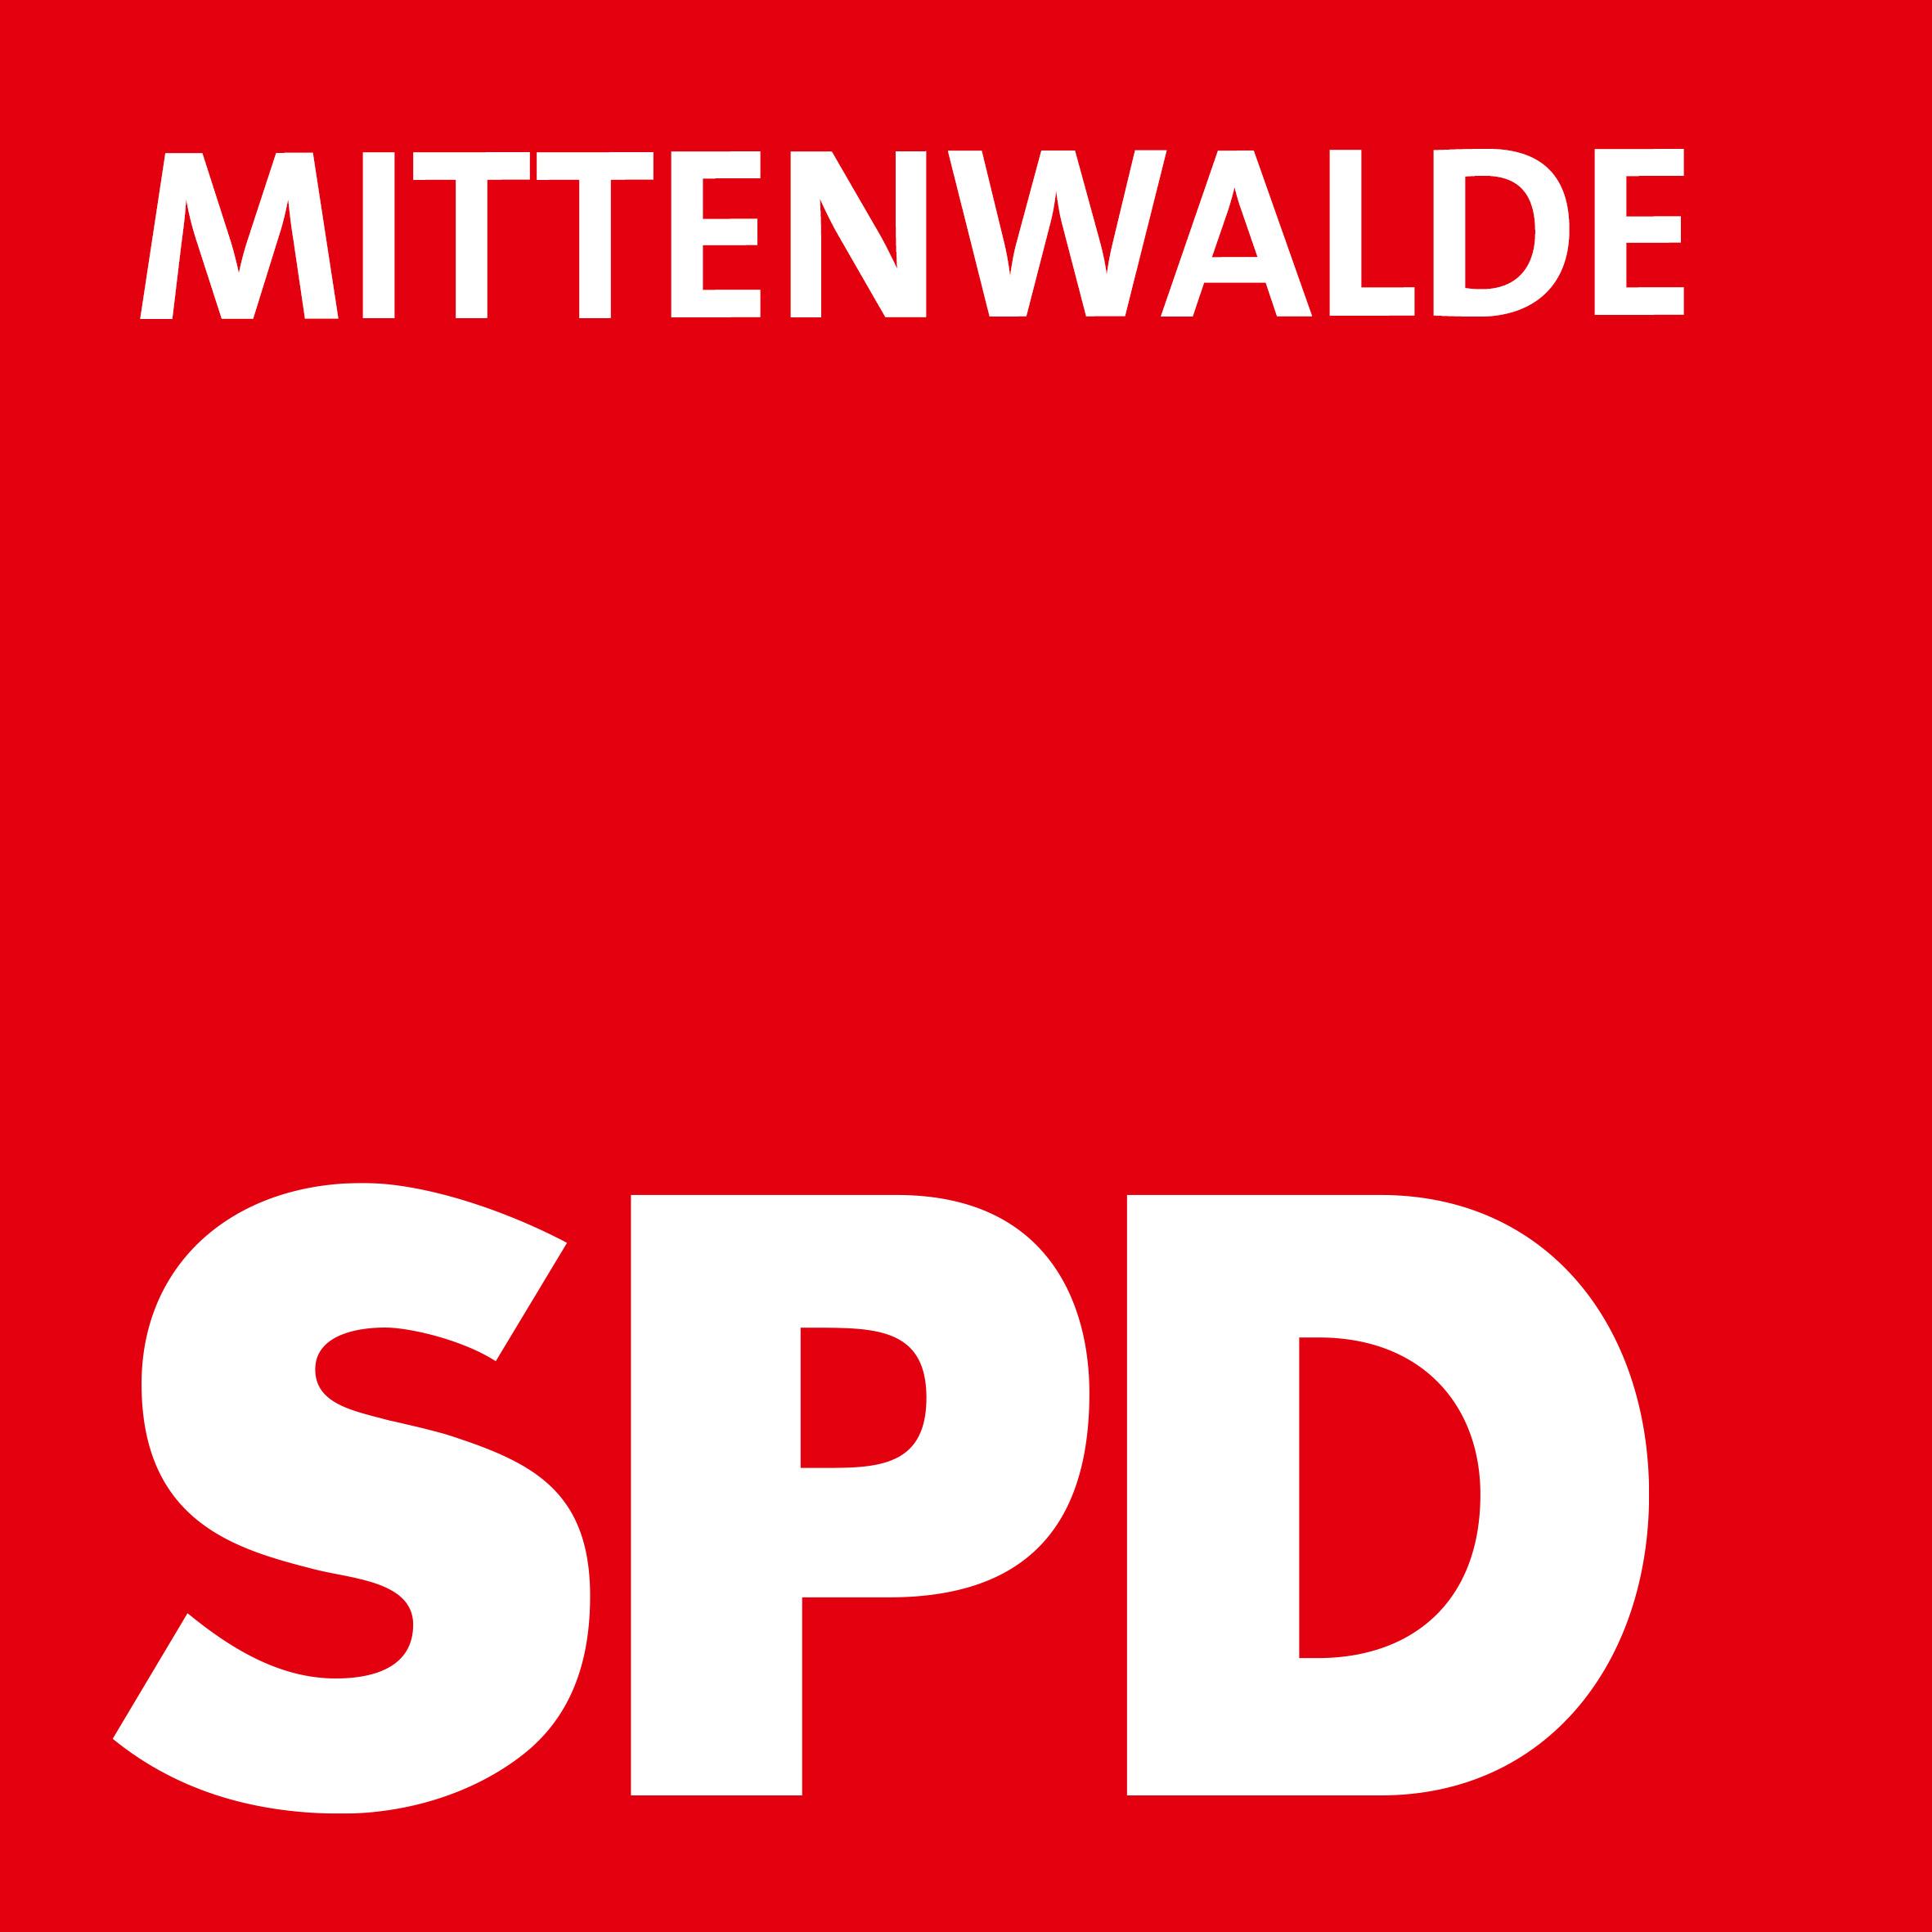 SPD Mittenwalde